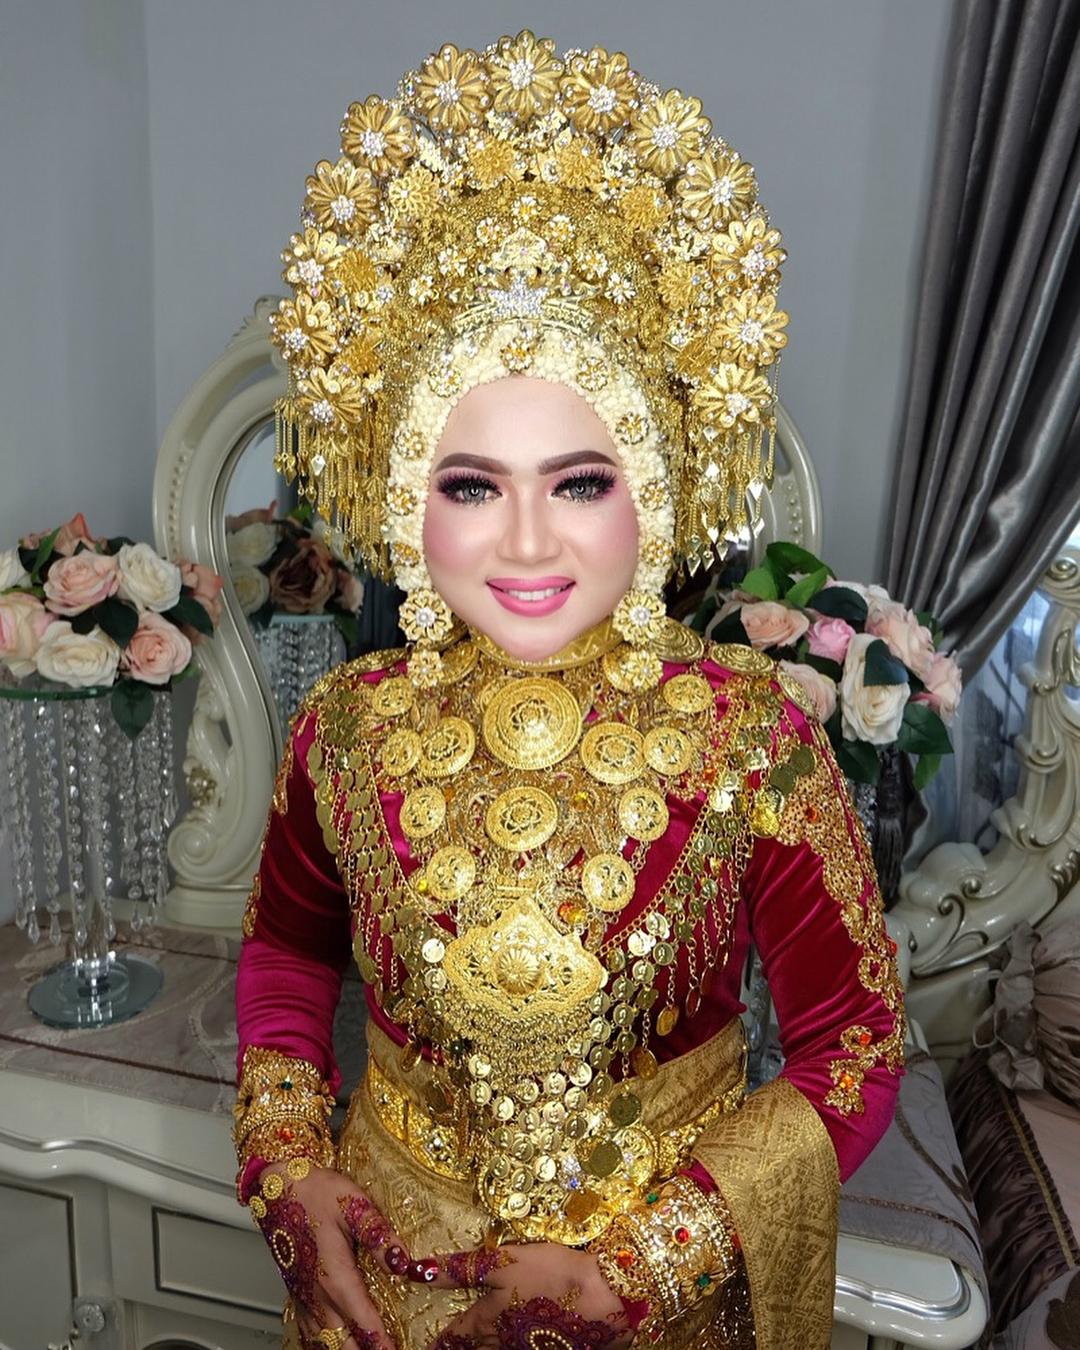 Sanggar Nusantara Dot Com Jakarta Sewa Baju Adat Aceh